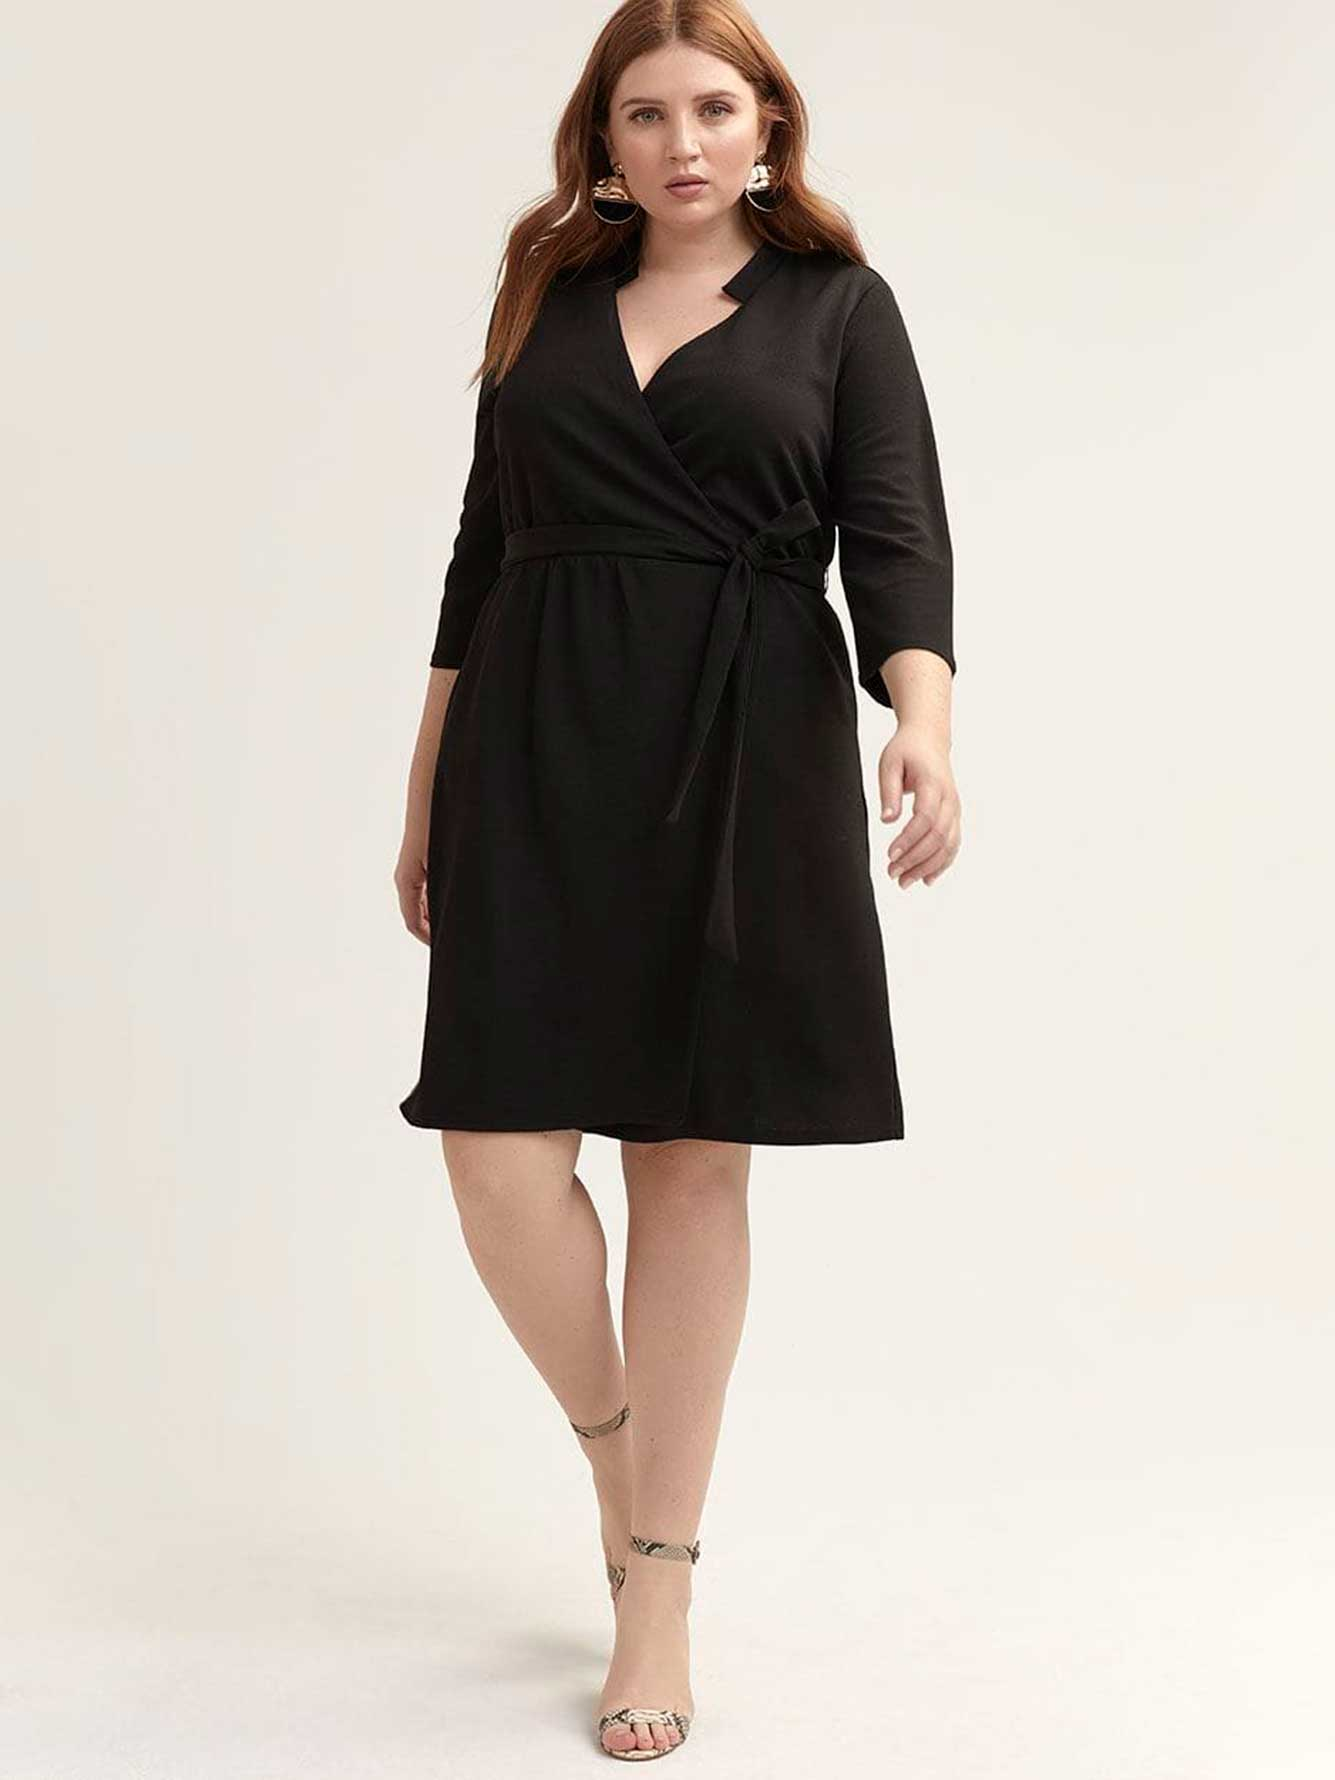 90552883b48e Black Fit & Flare Faux Wrap Dress - Michel Studio | Addition Elle